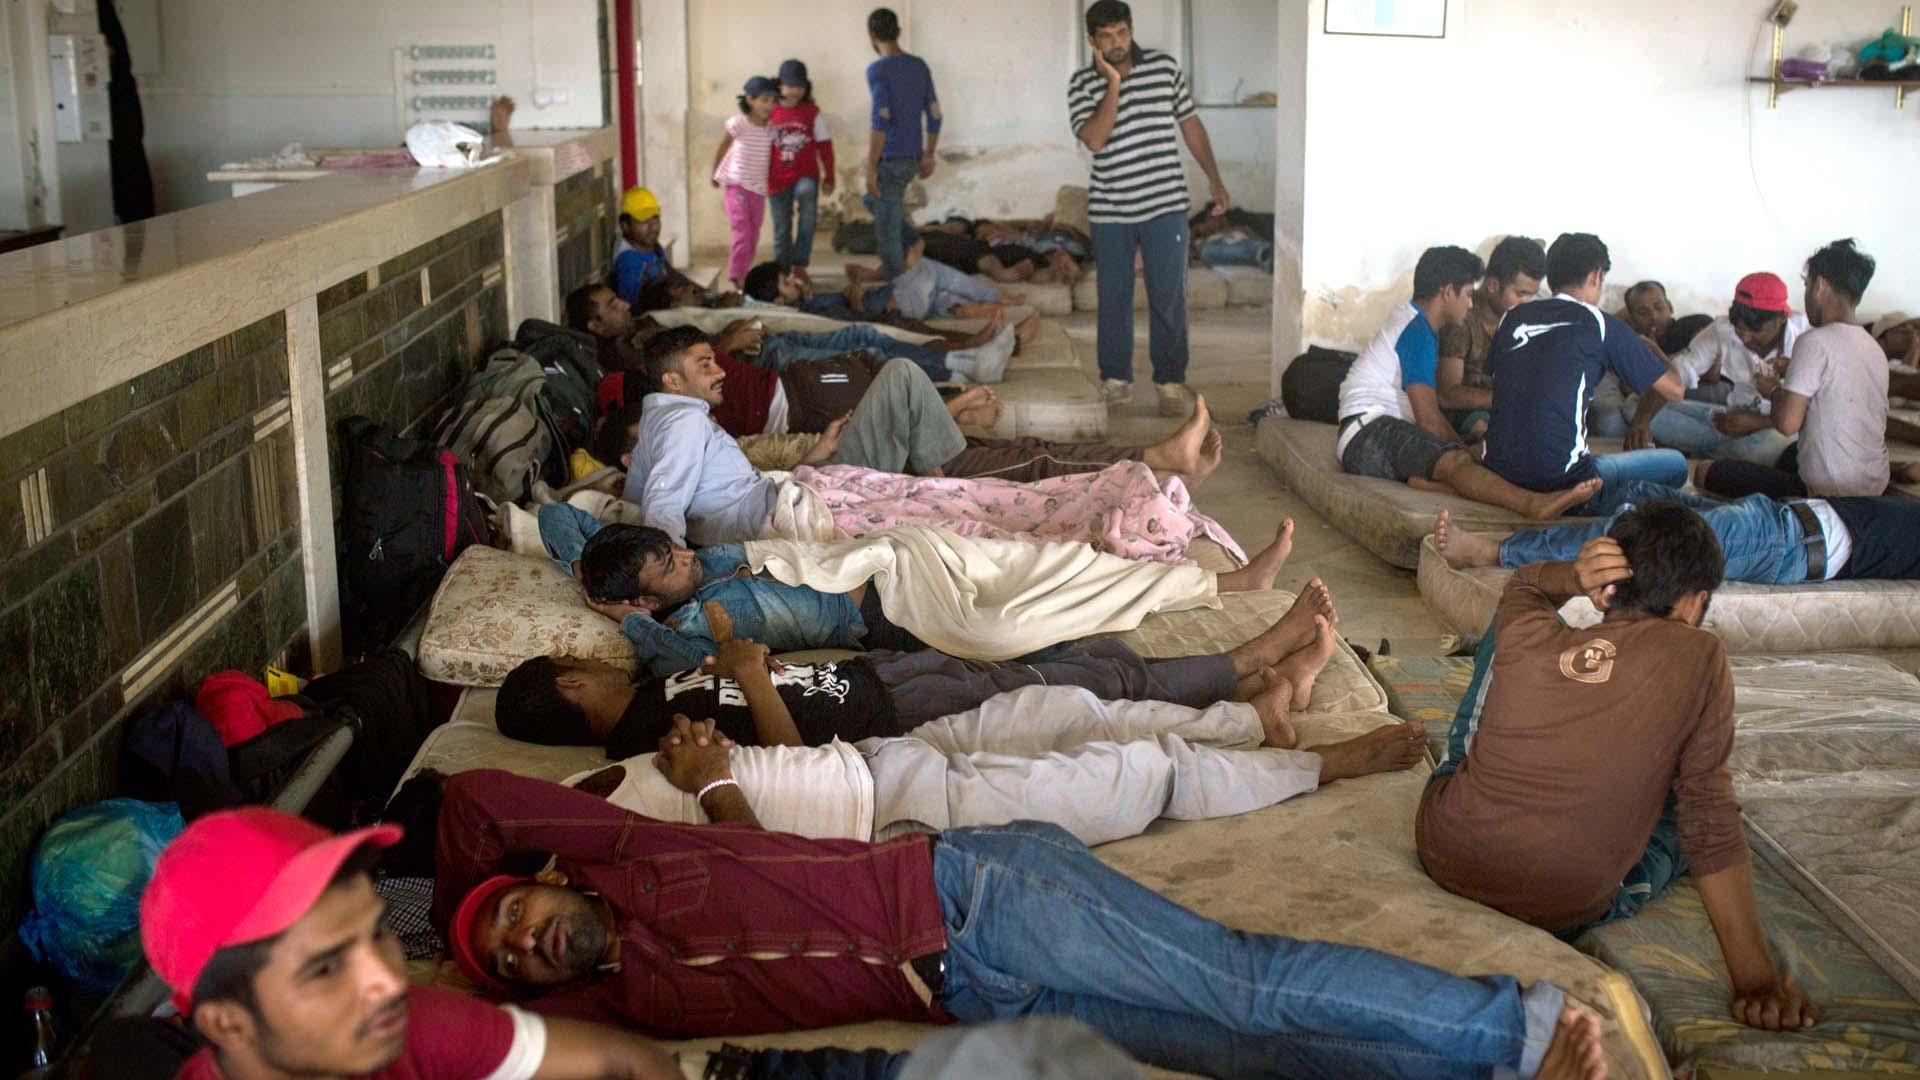 Decenas de refugiados llegan a diario a la isla griega de Cos. Duermen en el piso mientras logran tramitar una visa para seguir rumbo al continente